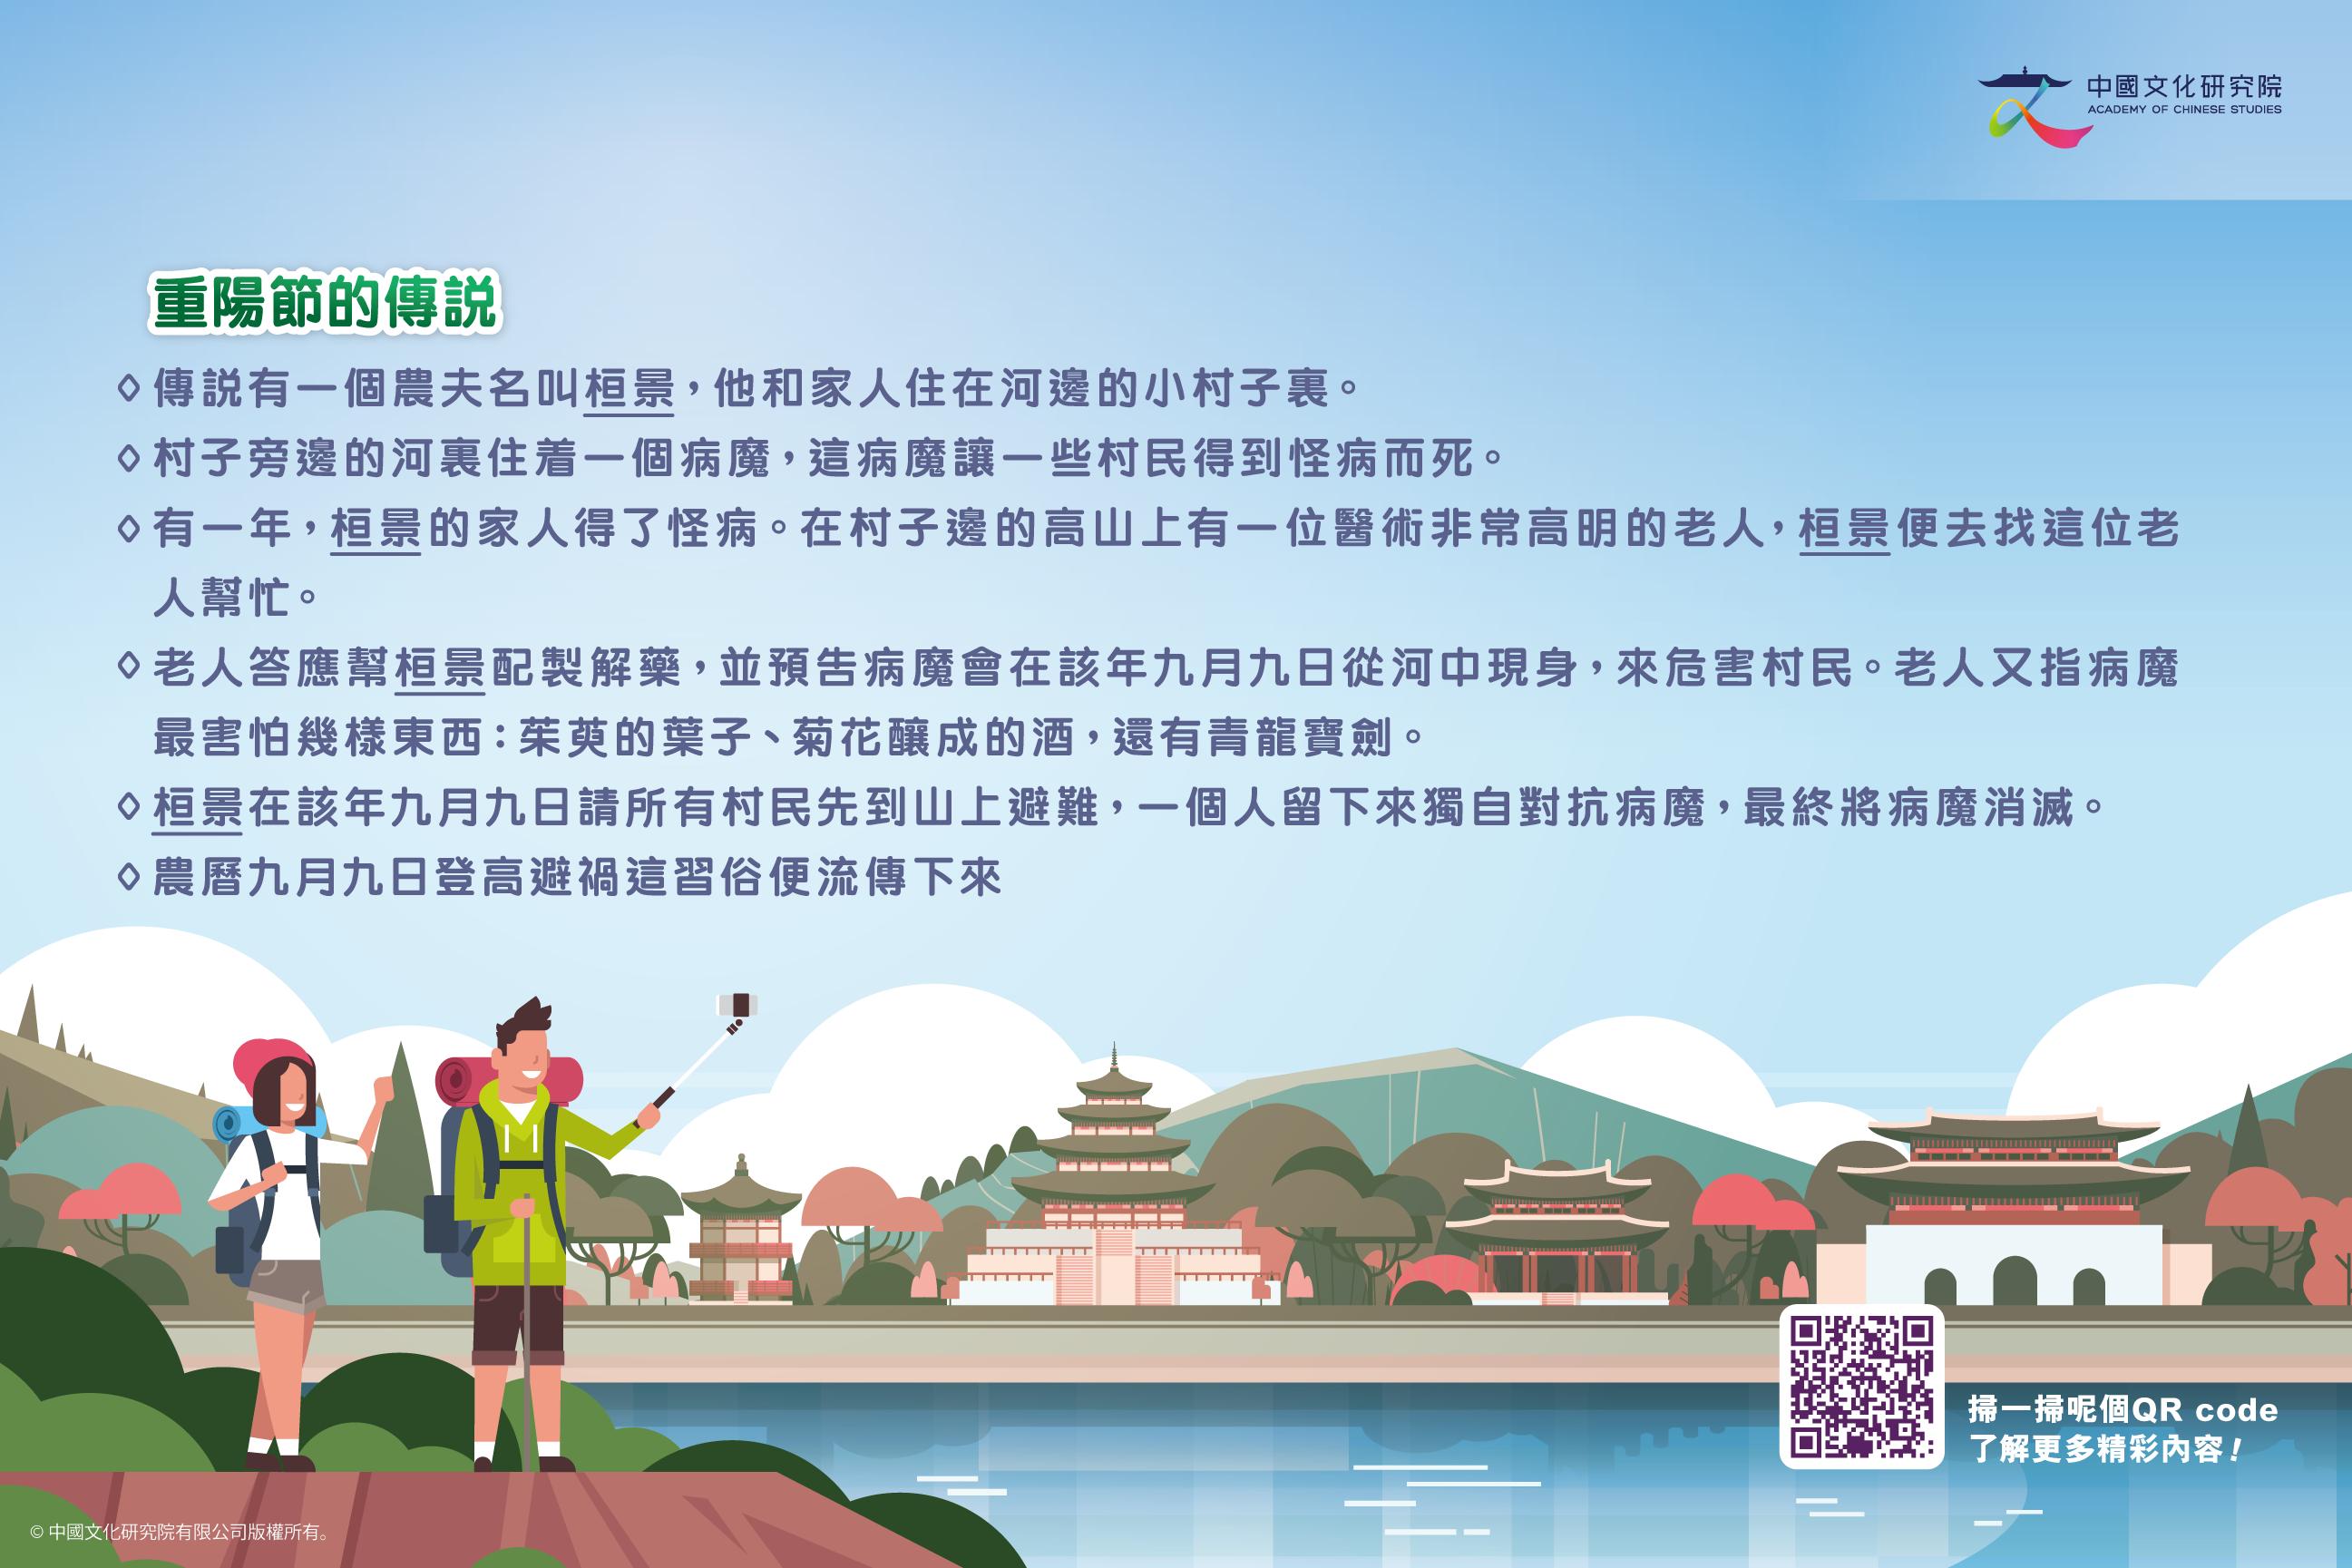 acs_school_2020_foamboard_sepr_zhongyang_v17-01-min